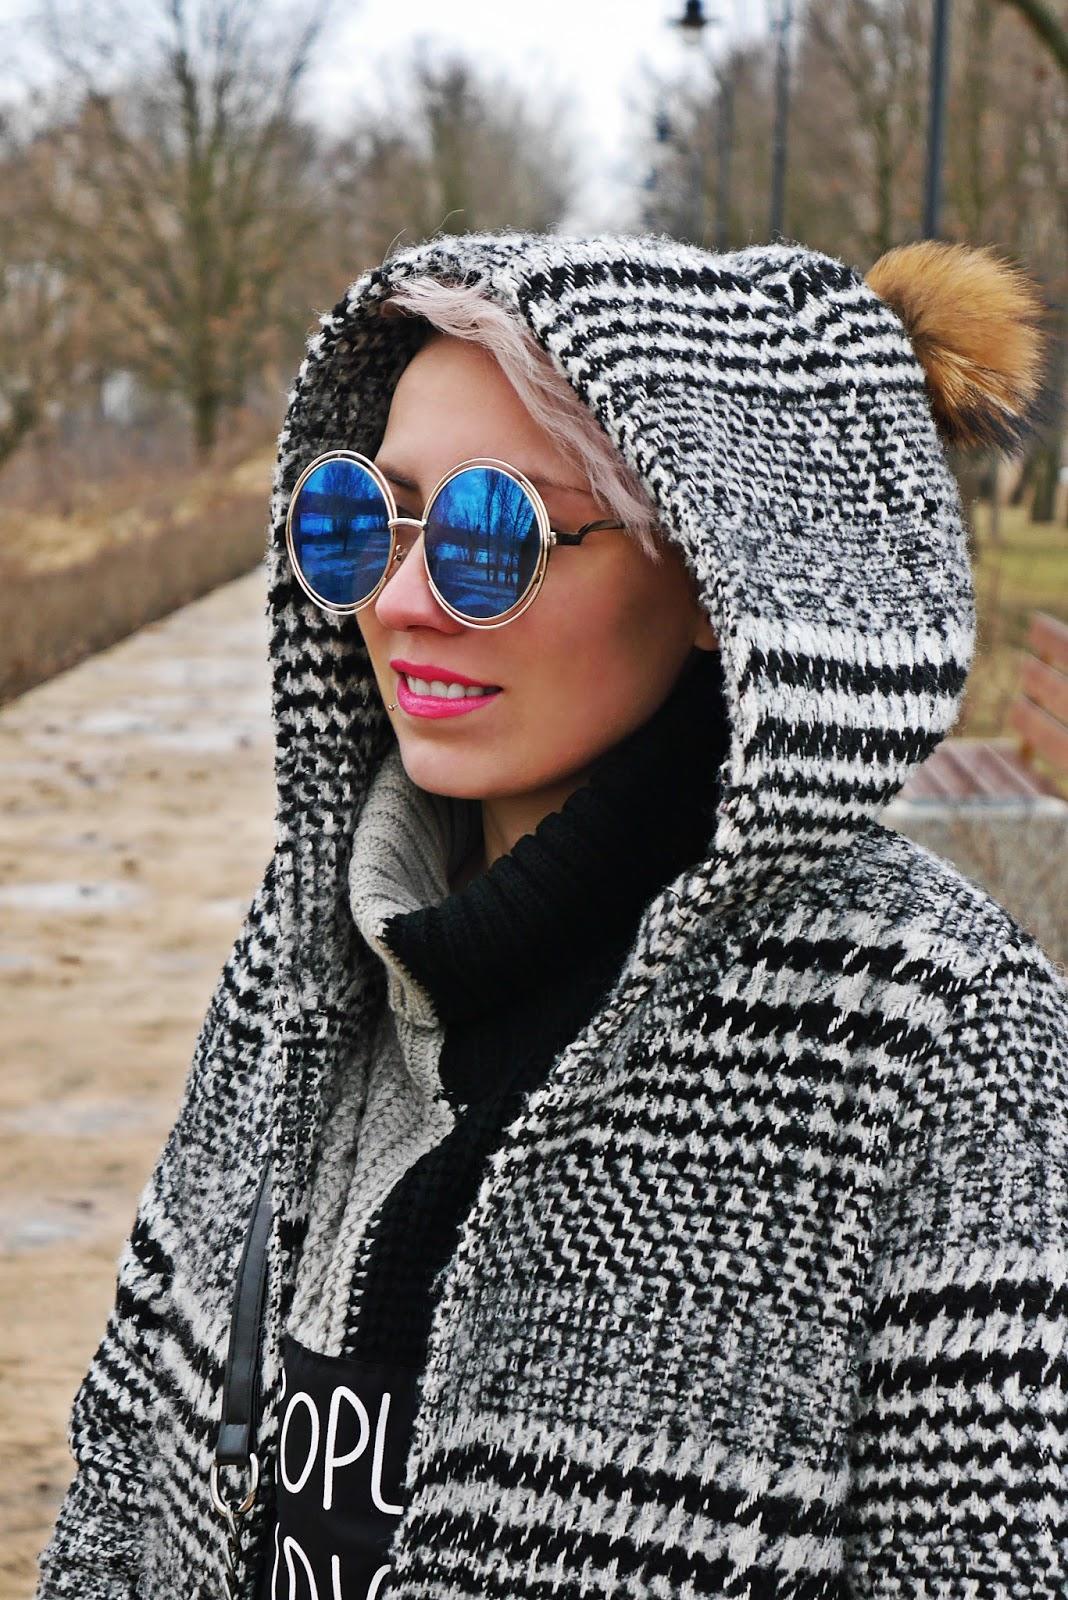 blogerka_modowa_blog_modowy_pulawy_karyn_220217a